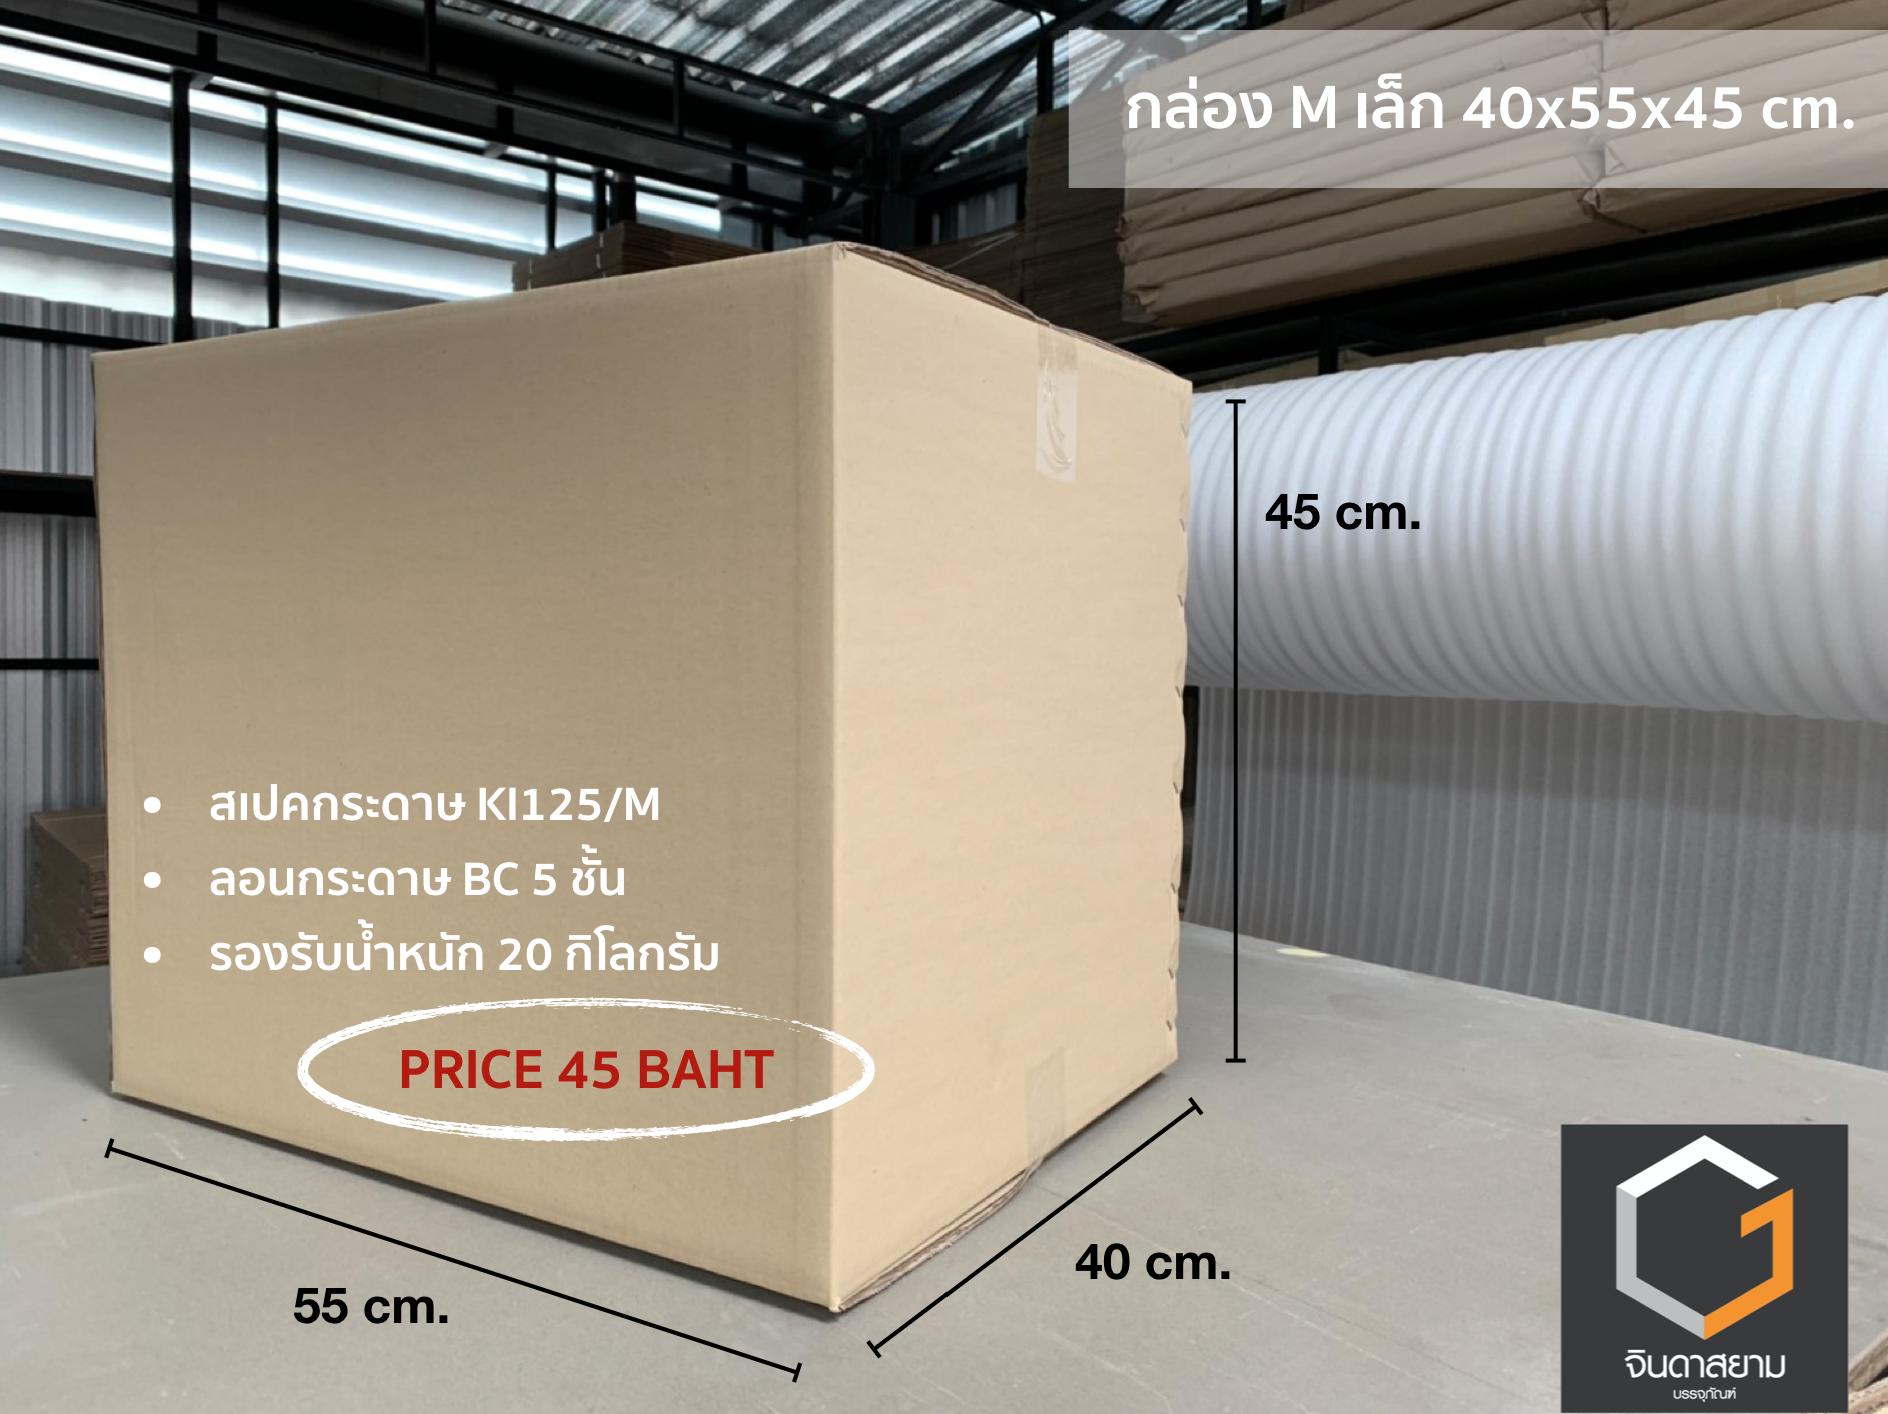 กล่องกระดาษลูกฟูก ไซต์ 40x55x45 cm. (M เล็ก)